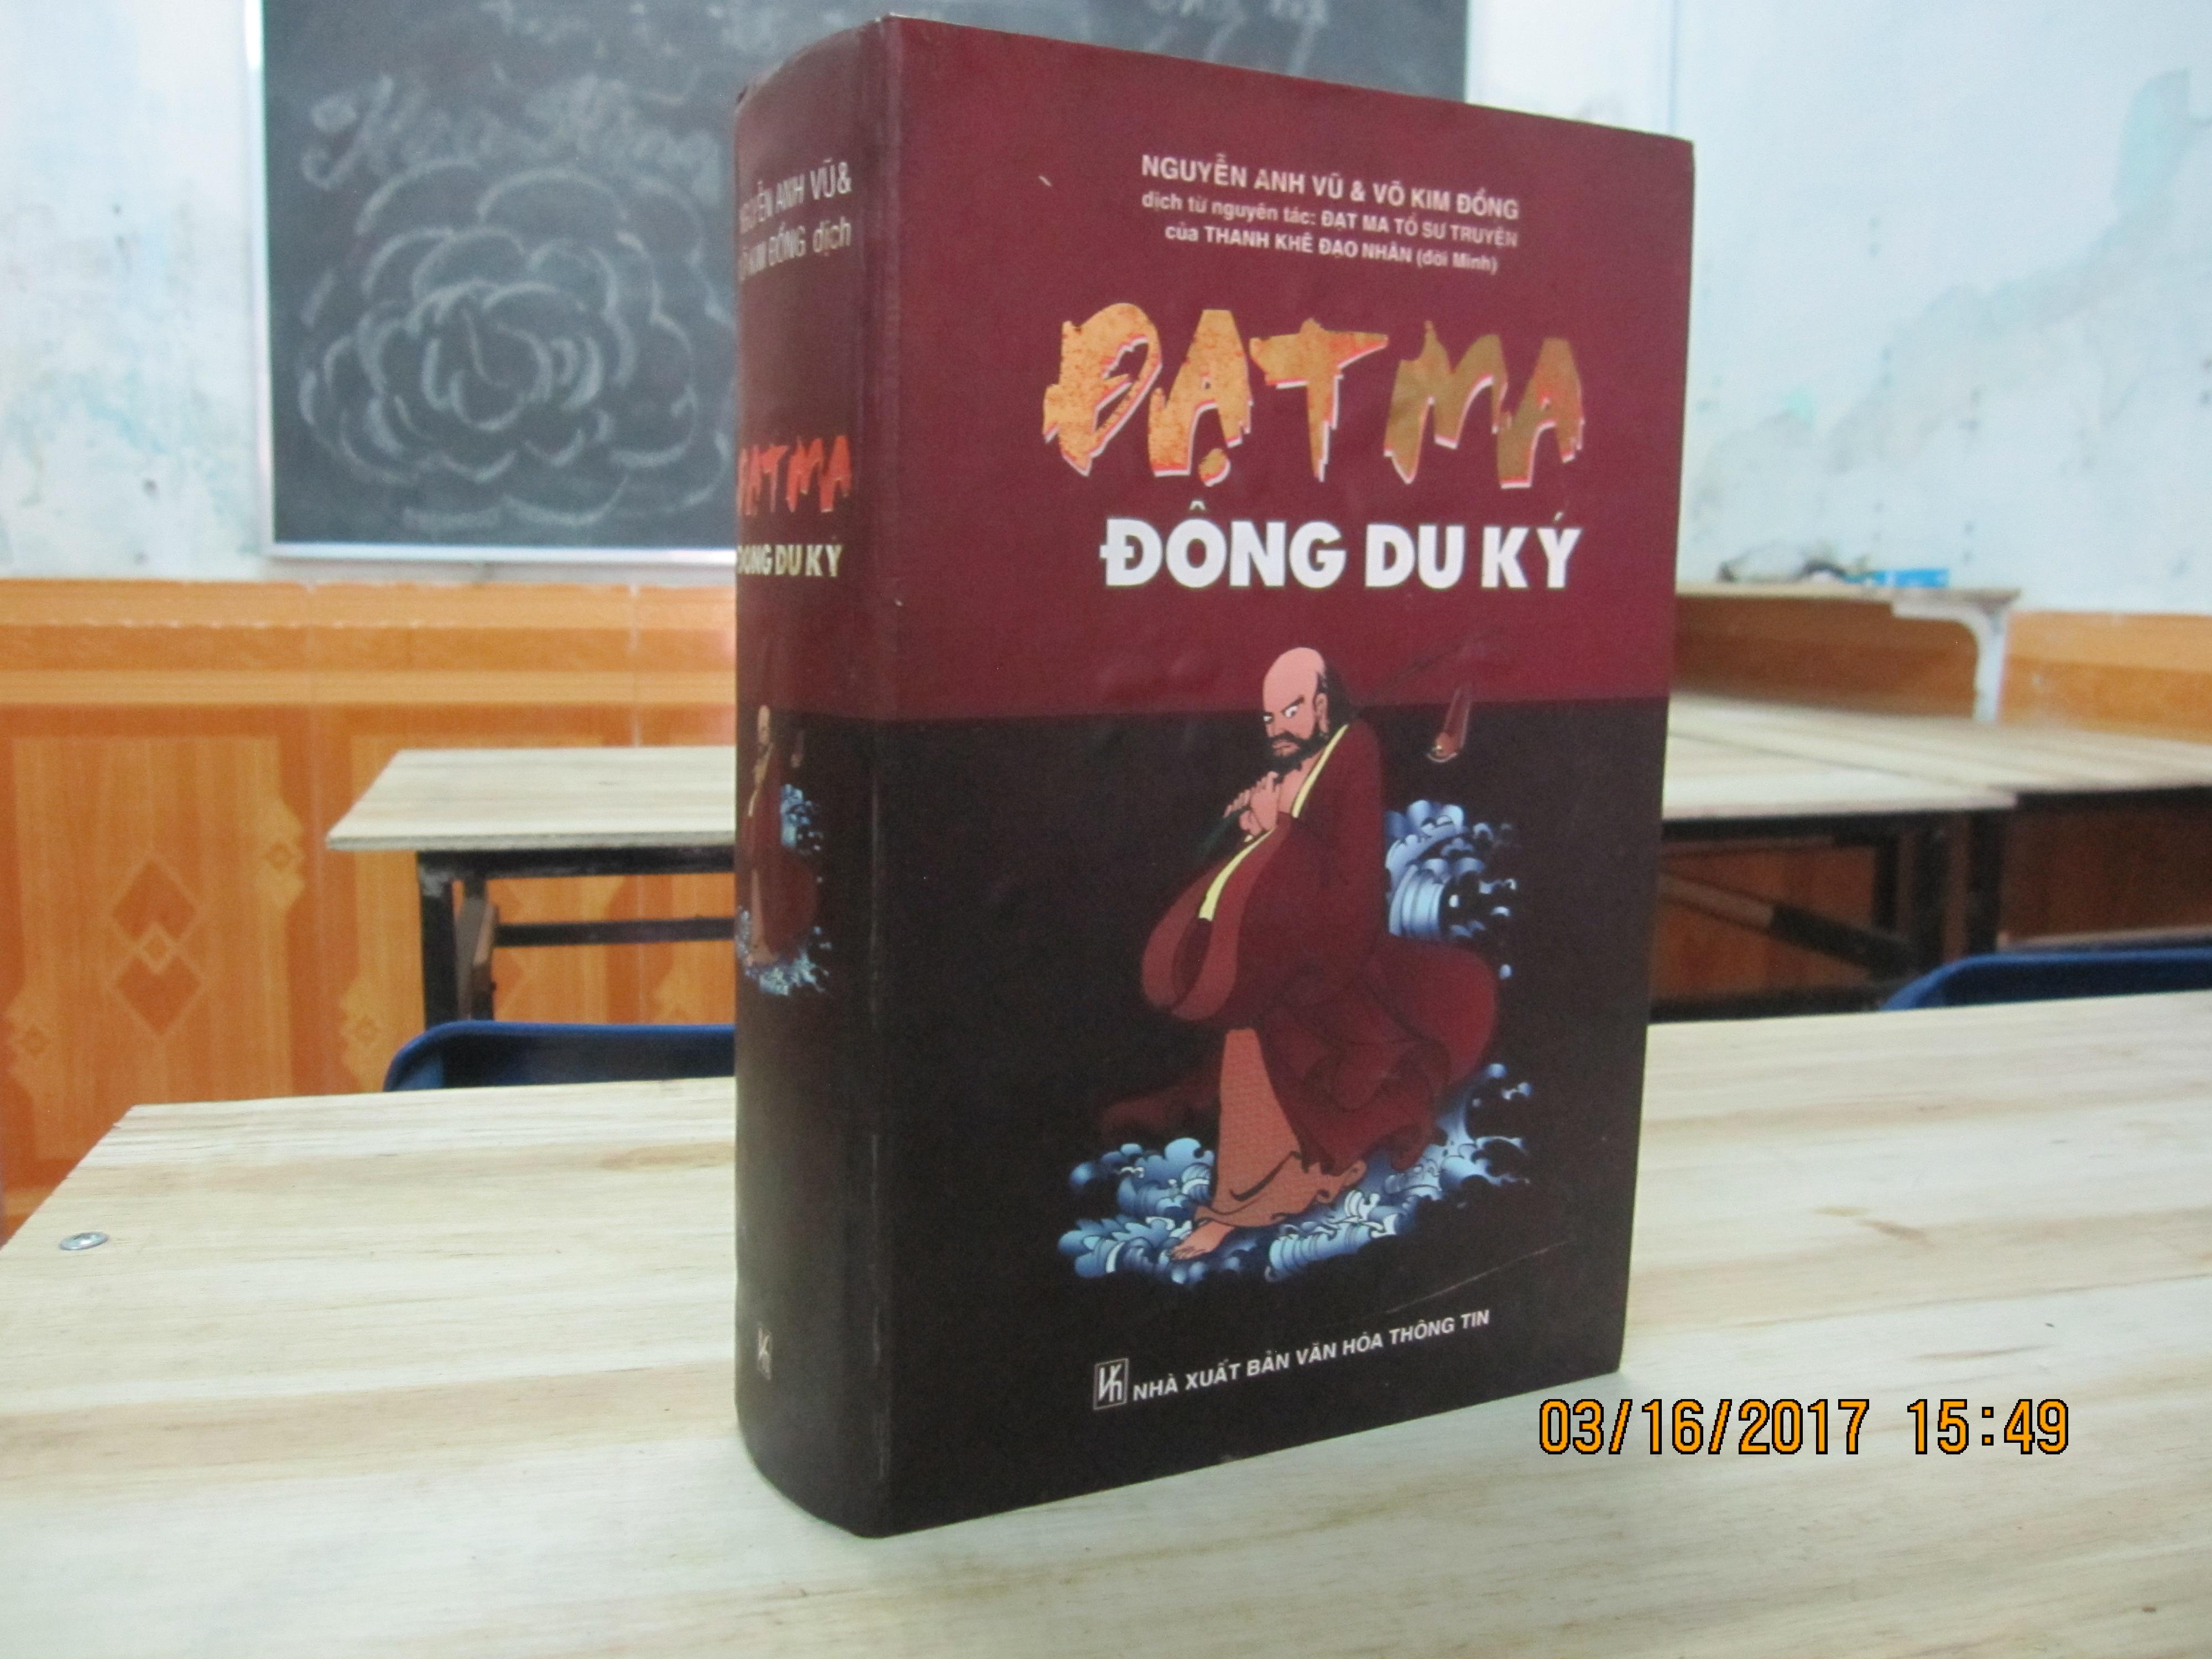 Đạt Ma Đông Du Ký (Đạt Ma Tổ Sư Truyện) - Thanh Khê Đạo Nhân